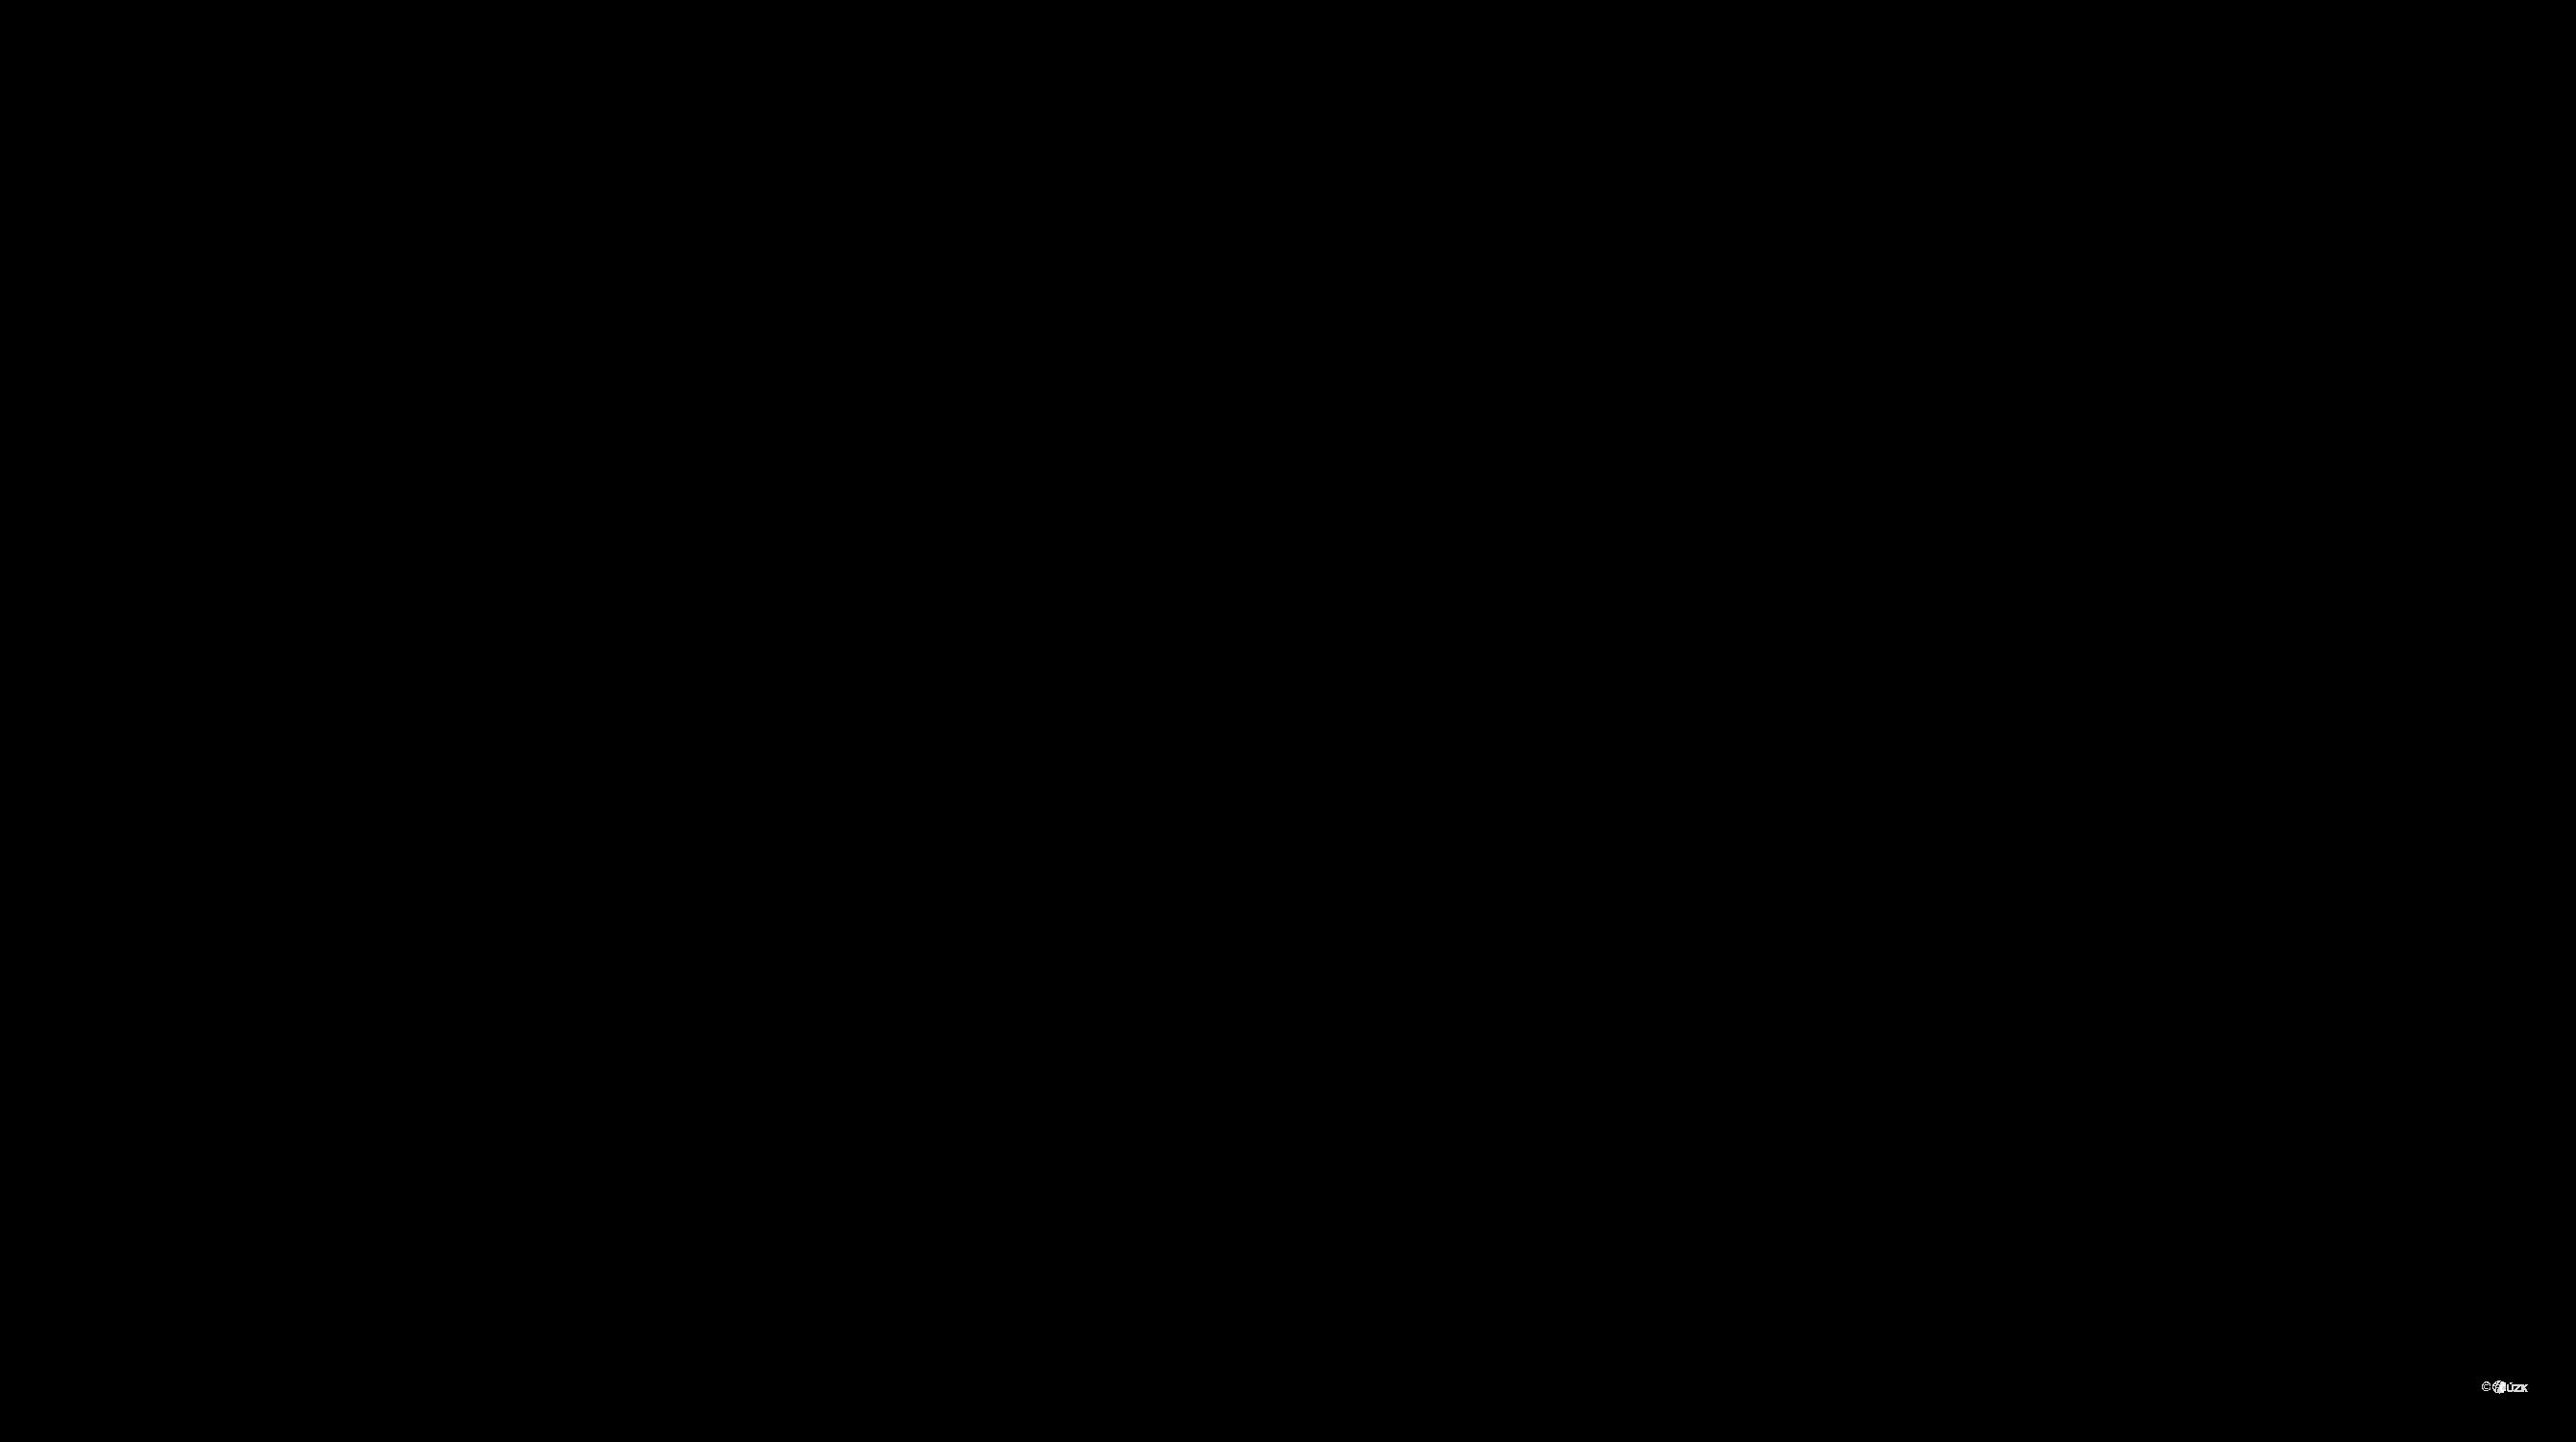 Katastrální mapa pozemků a čísla parcel Mladeč